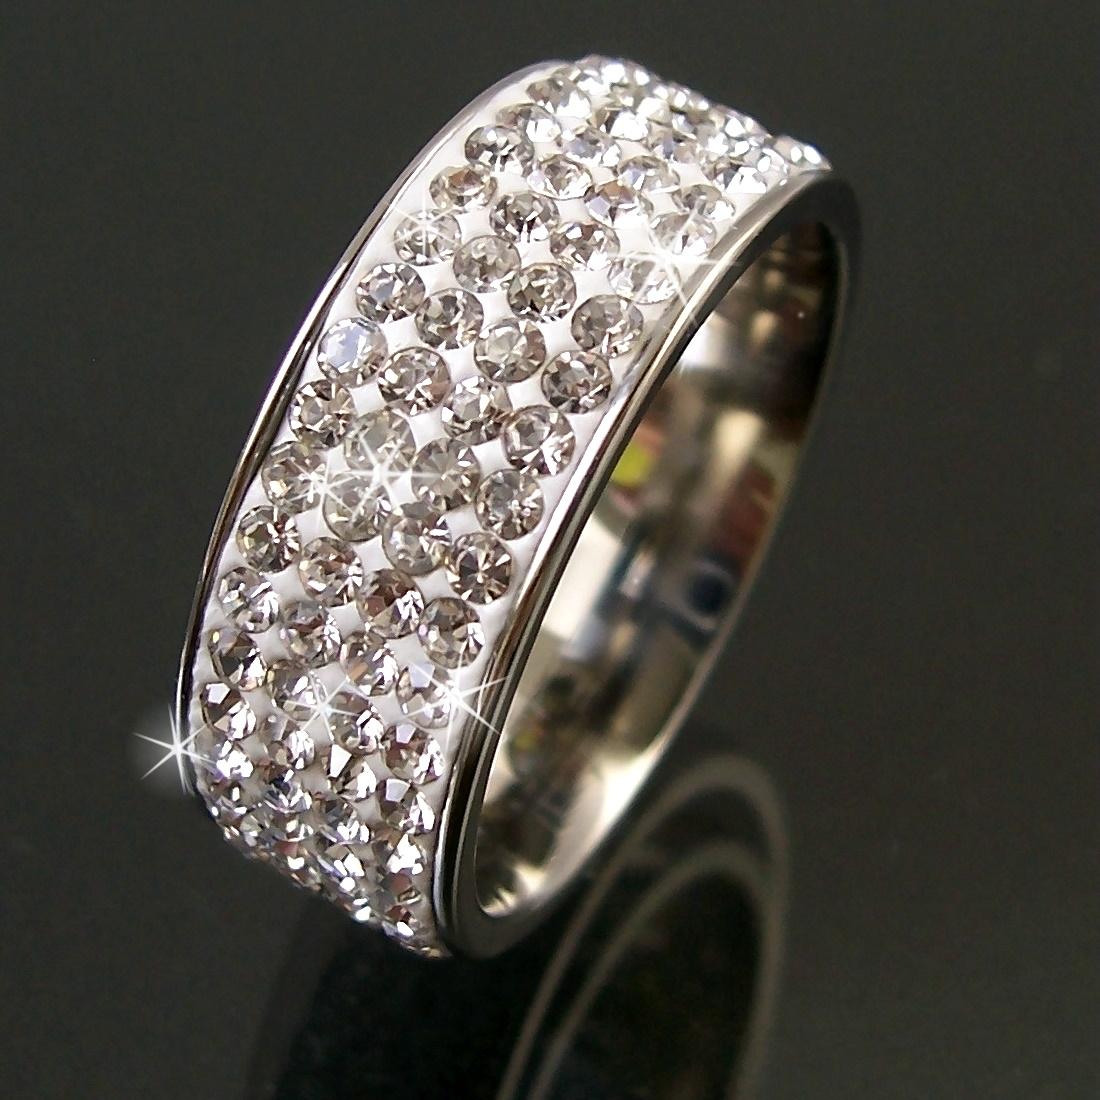 Køb hos Floryday for billige kvinde mode Ringe. Floryday tilbyder de sidste kvinde Ringe kollektioner der passer til enhver lejlighed.